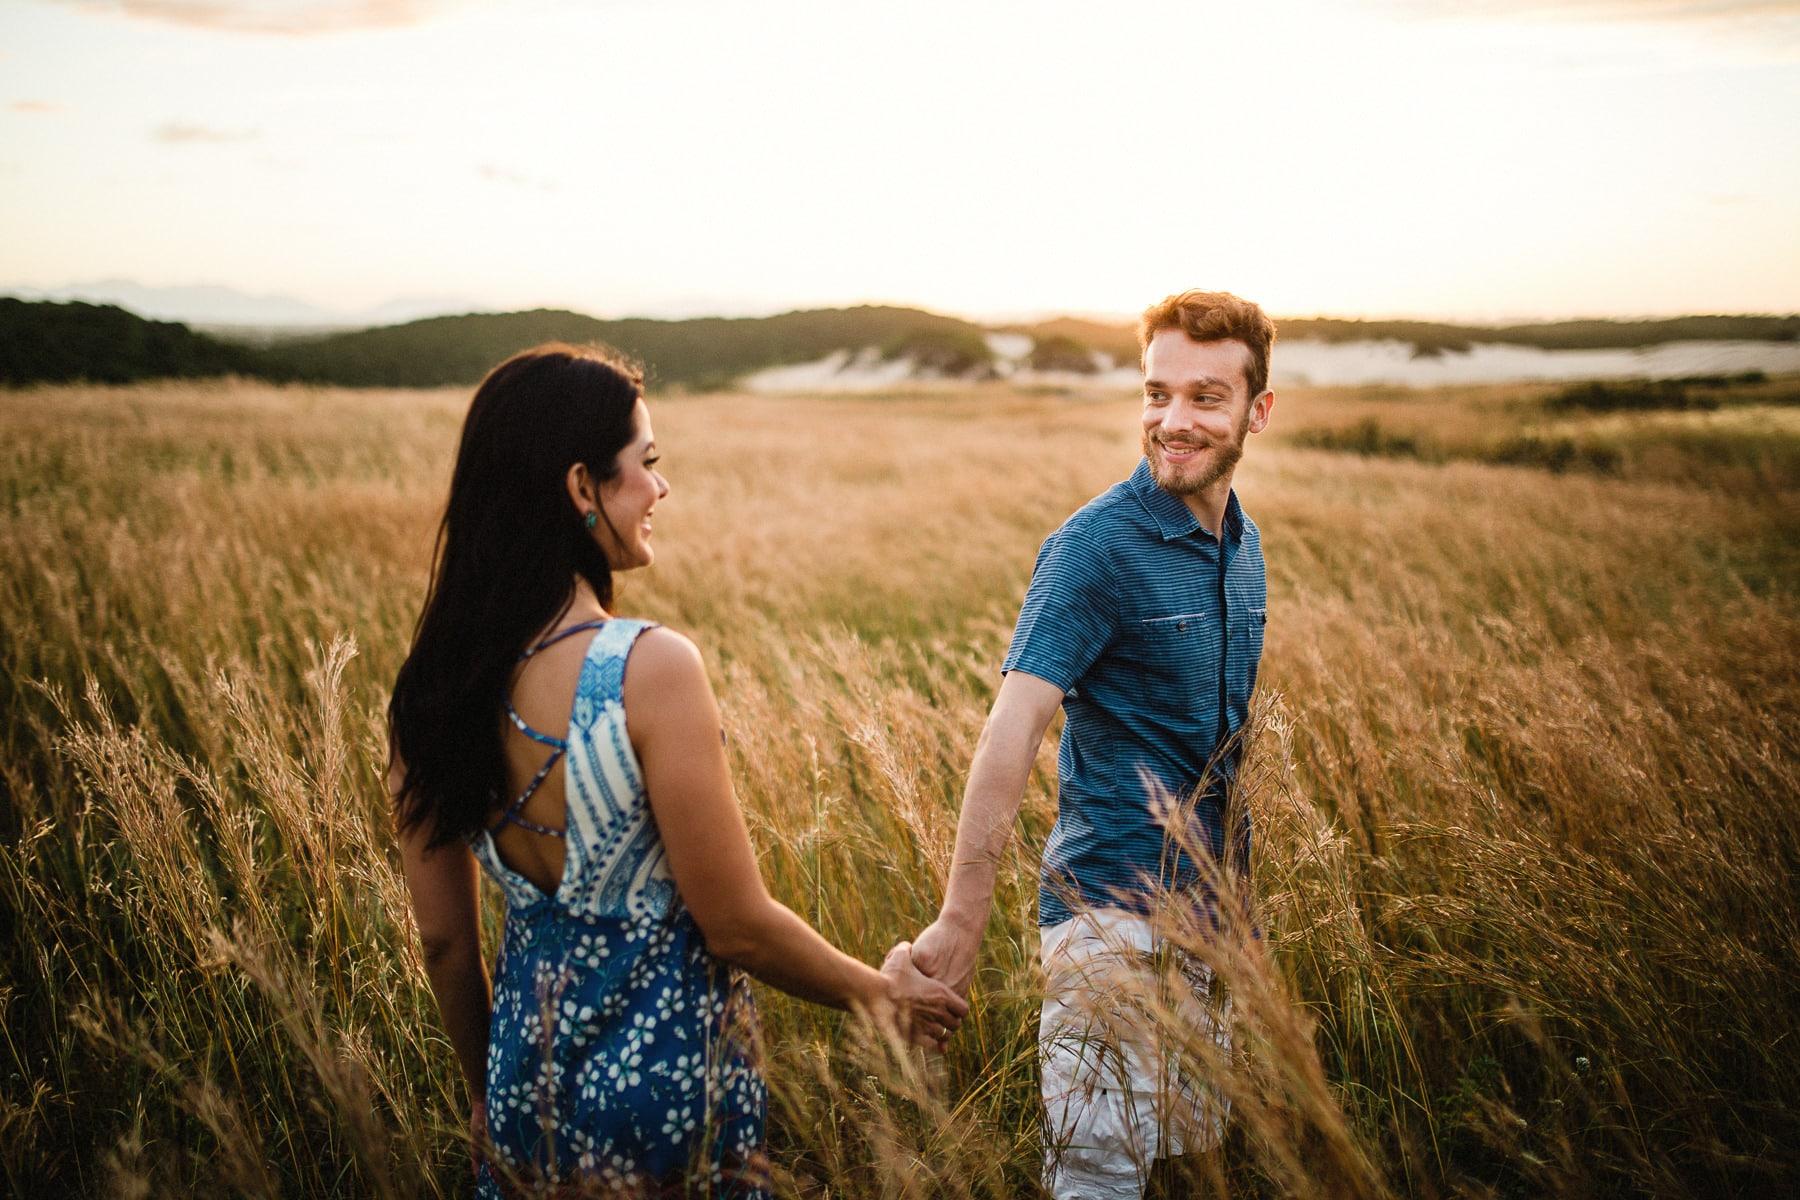 ensaio pré casamento no campo